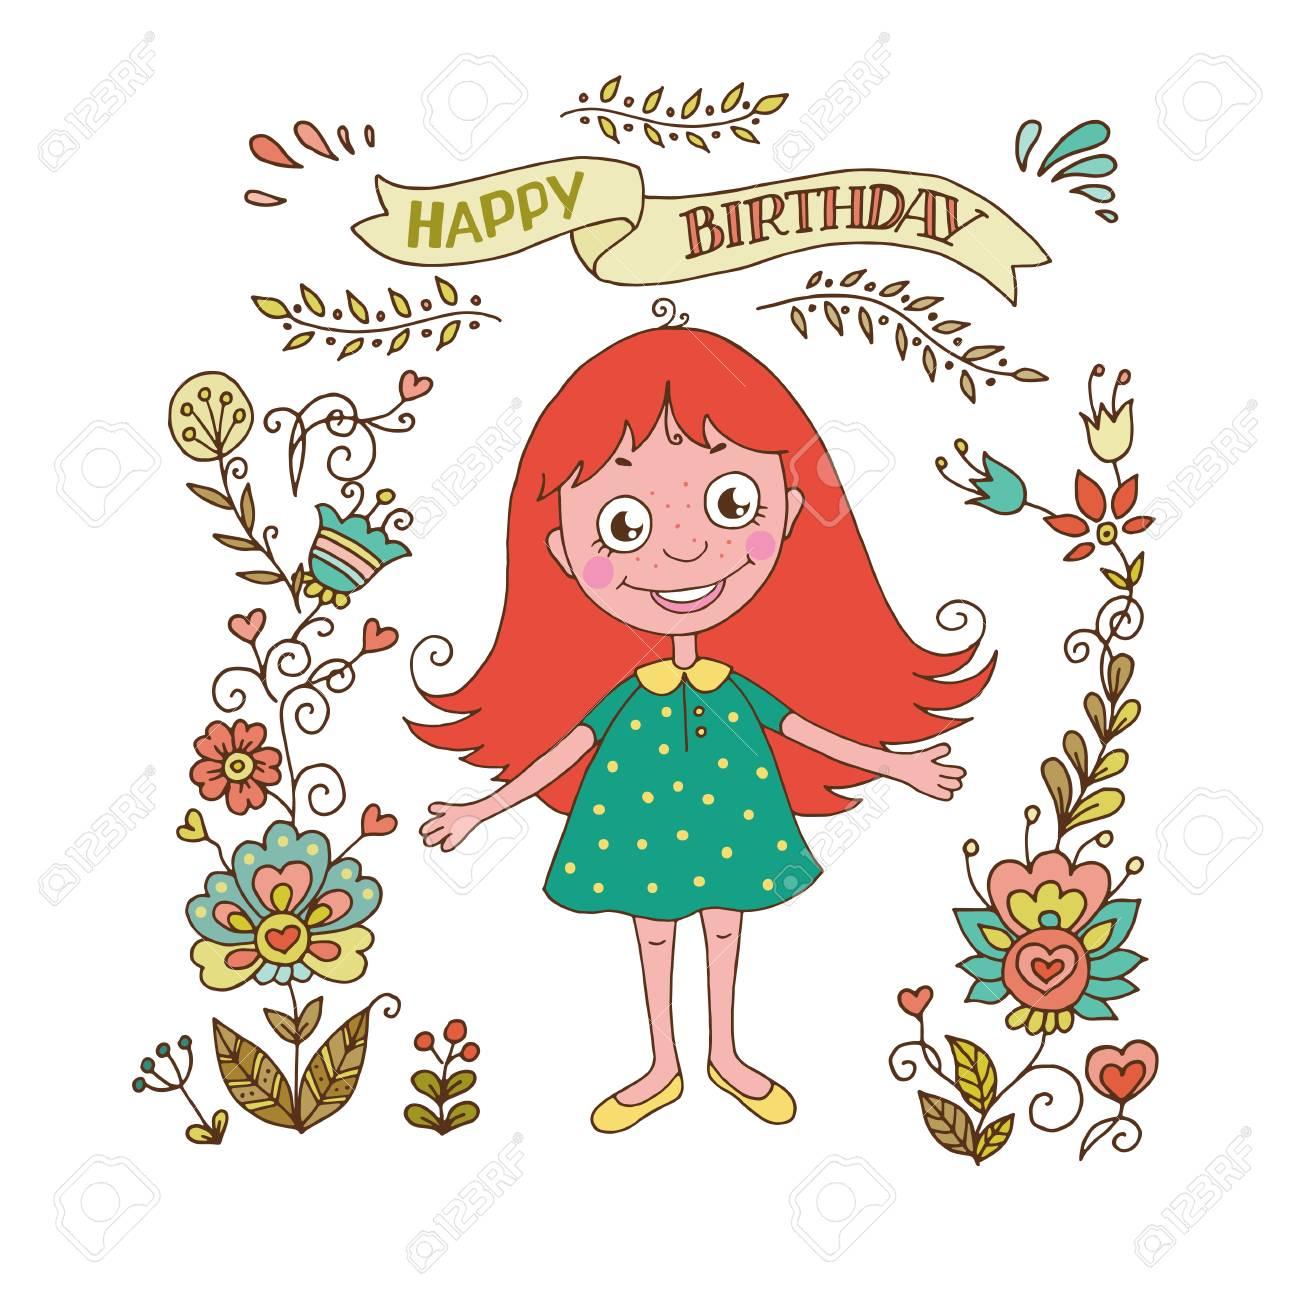 Linda Chica Con El Marco De La Vendimia De Flores La Frase En Una Cinta Feliz Cumpleaños Ilustración De Dibujos Animados Para Invitaciones De Boda